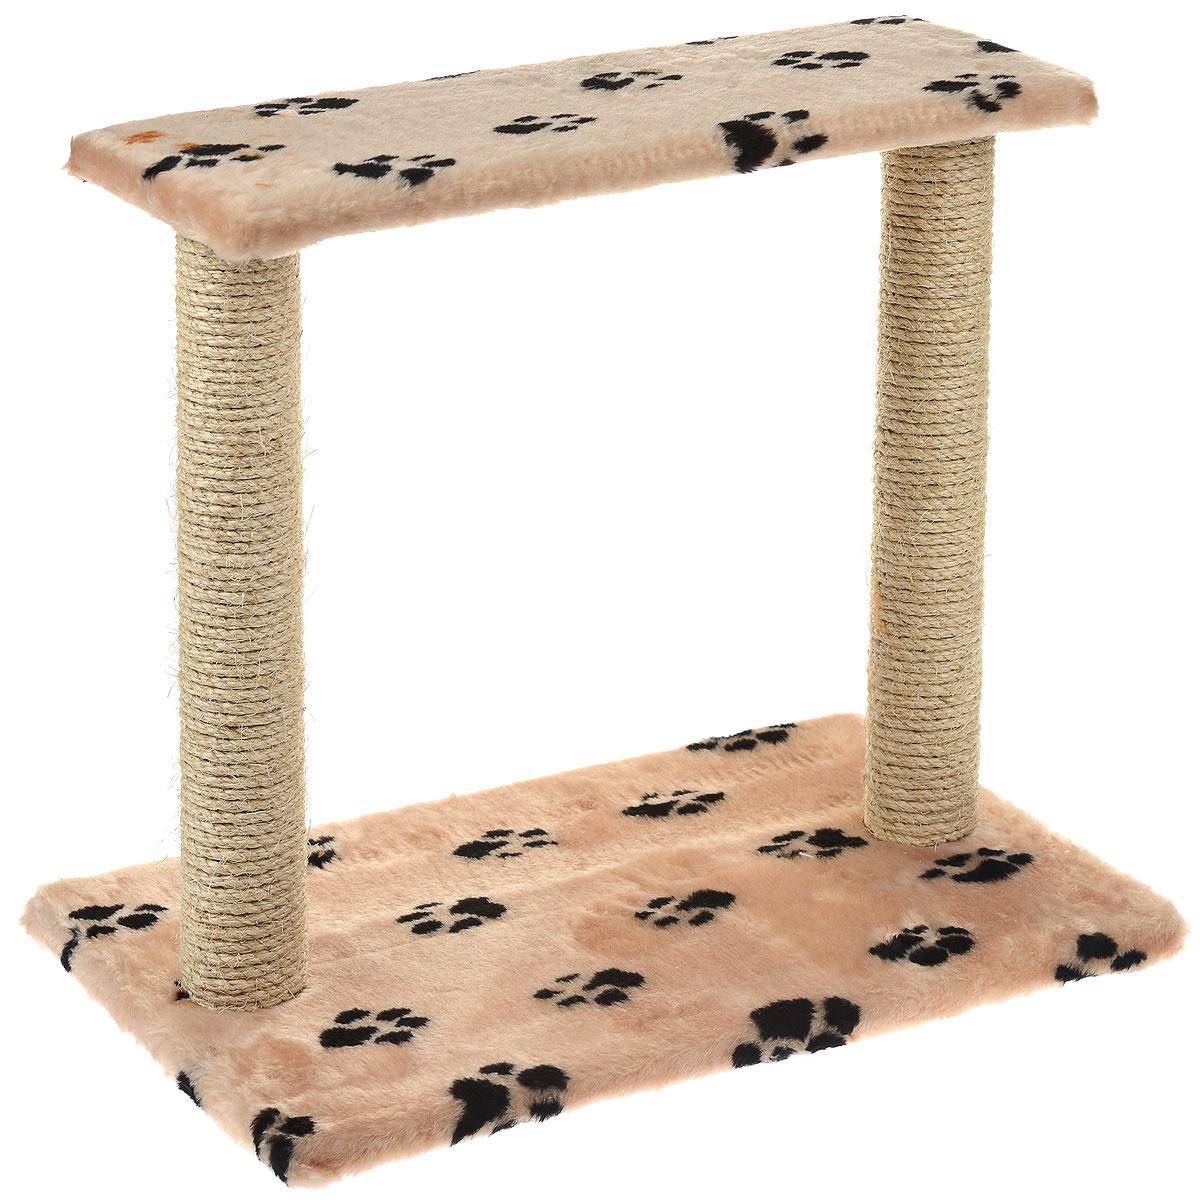 Когтеточка Пушок Двойная, сизаль, цвет: бежевый, 62 см х 55 см х 38 см4640000933043_бежевый со следамиКогтеточка Пушок Двойная поможет сохранить мебель и ковры в доме от когтей вашего любимца, стремящегося удовлетворить свою естественную потребность точить когти. Когтеточка изготовлена из сизаля, прямоугольное основание выполнено из ДСП и обтянуто плюшем. Когтеточка декорирована изображением черных следов. Сверху два столба-когтеточки соединены площадкой. Товар продуман в мельчайших деталях и, несомненно, понравится вашей кошке. Всем кошкам необходимо стачивать когти. Когтеточка - один из самых необходимых аксессуаров для кошки. Для приучения к когтеточке можно натереть ее сухой валерьянкой или кошачьей мятой. Когтеточка поможет вашему любимцу стачивать когти и при этом не портить вашу мебель.